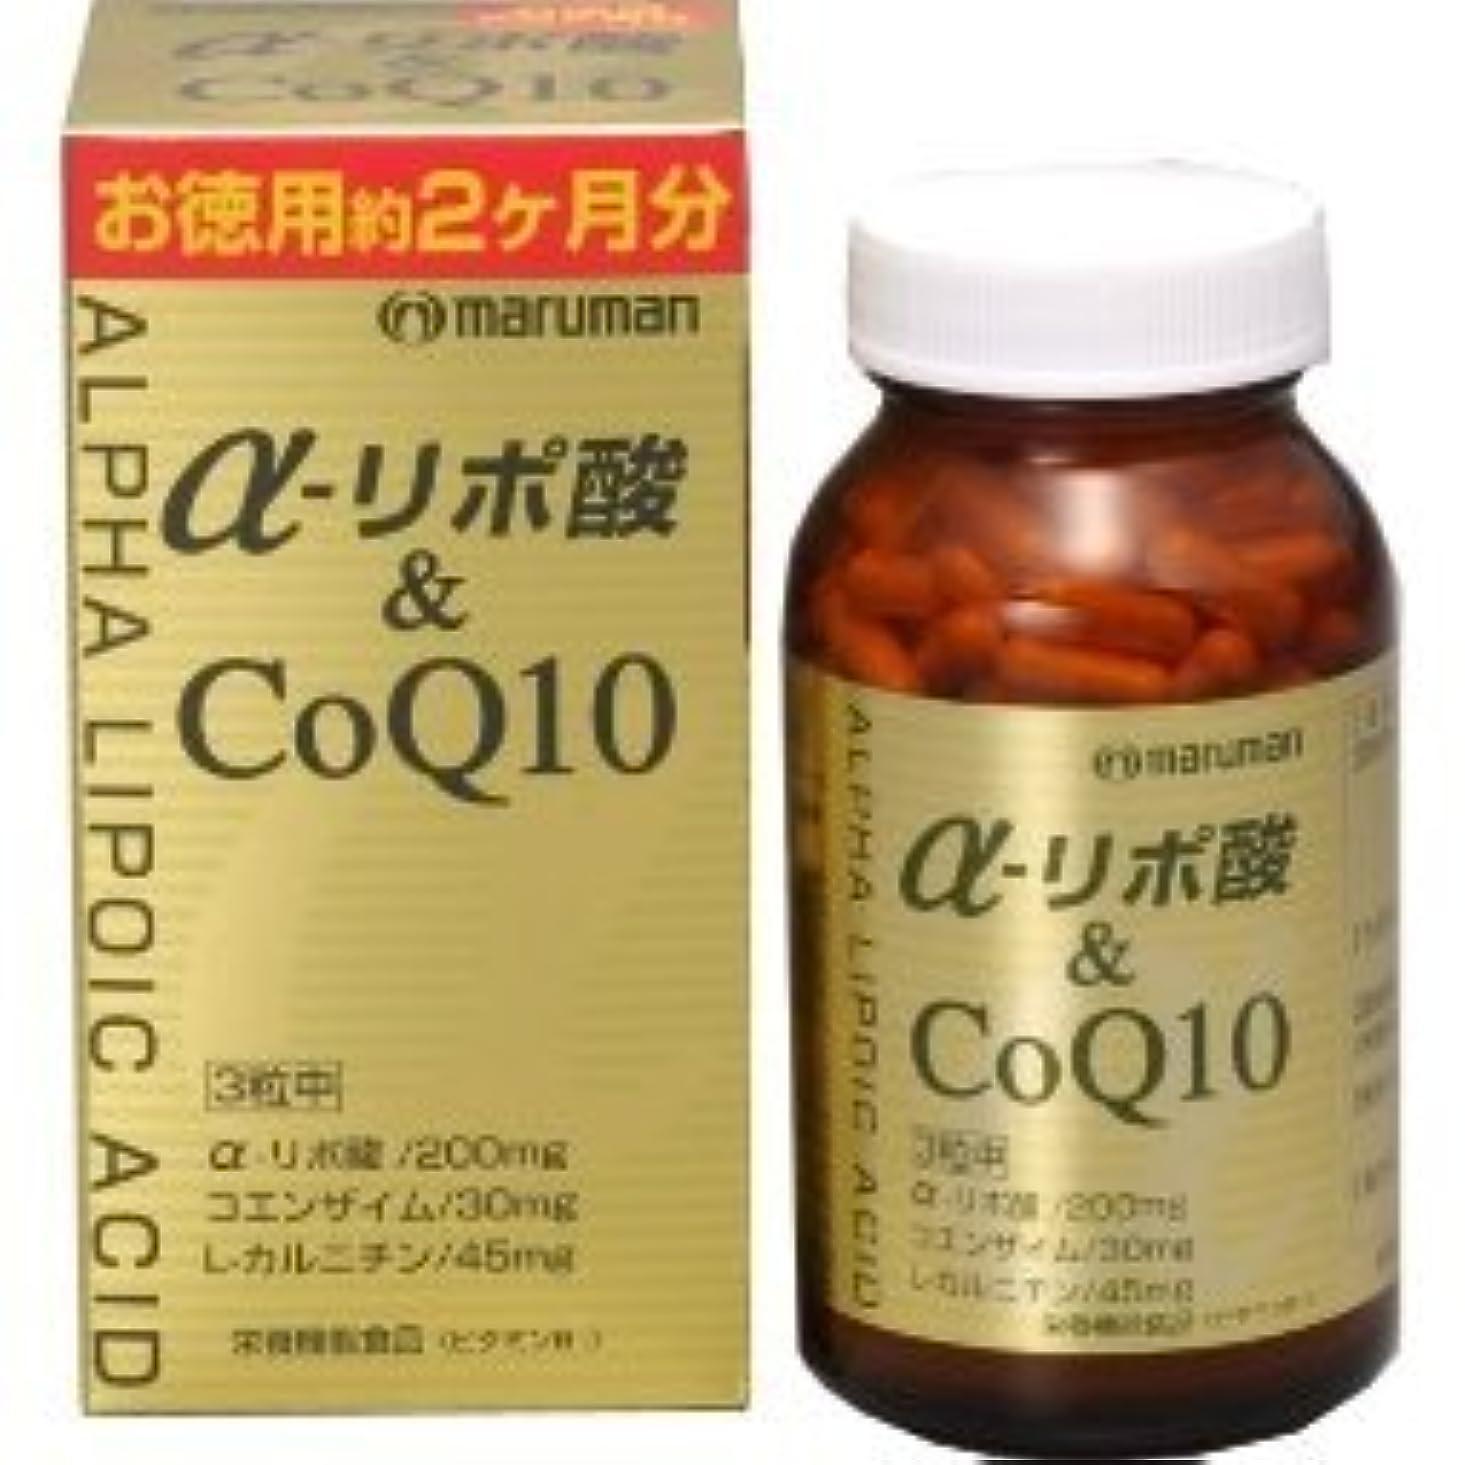 スポンサーテザー真剣にαリポ酸&COQ10 180粒